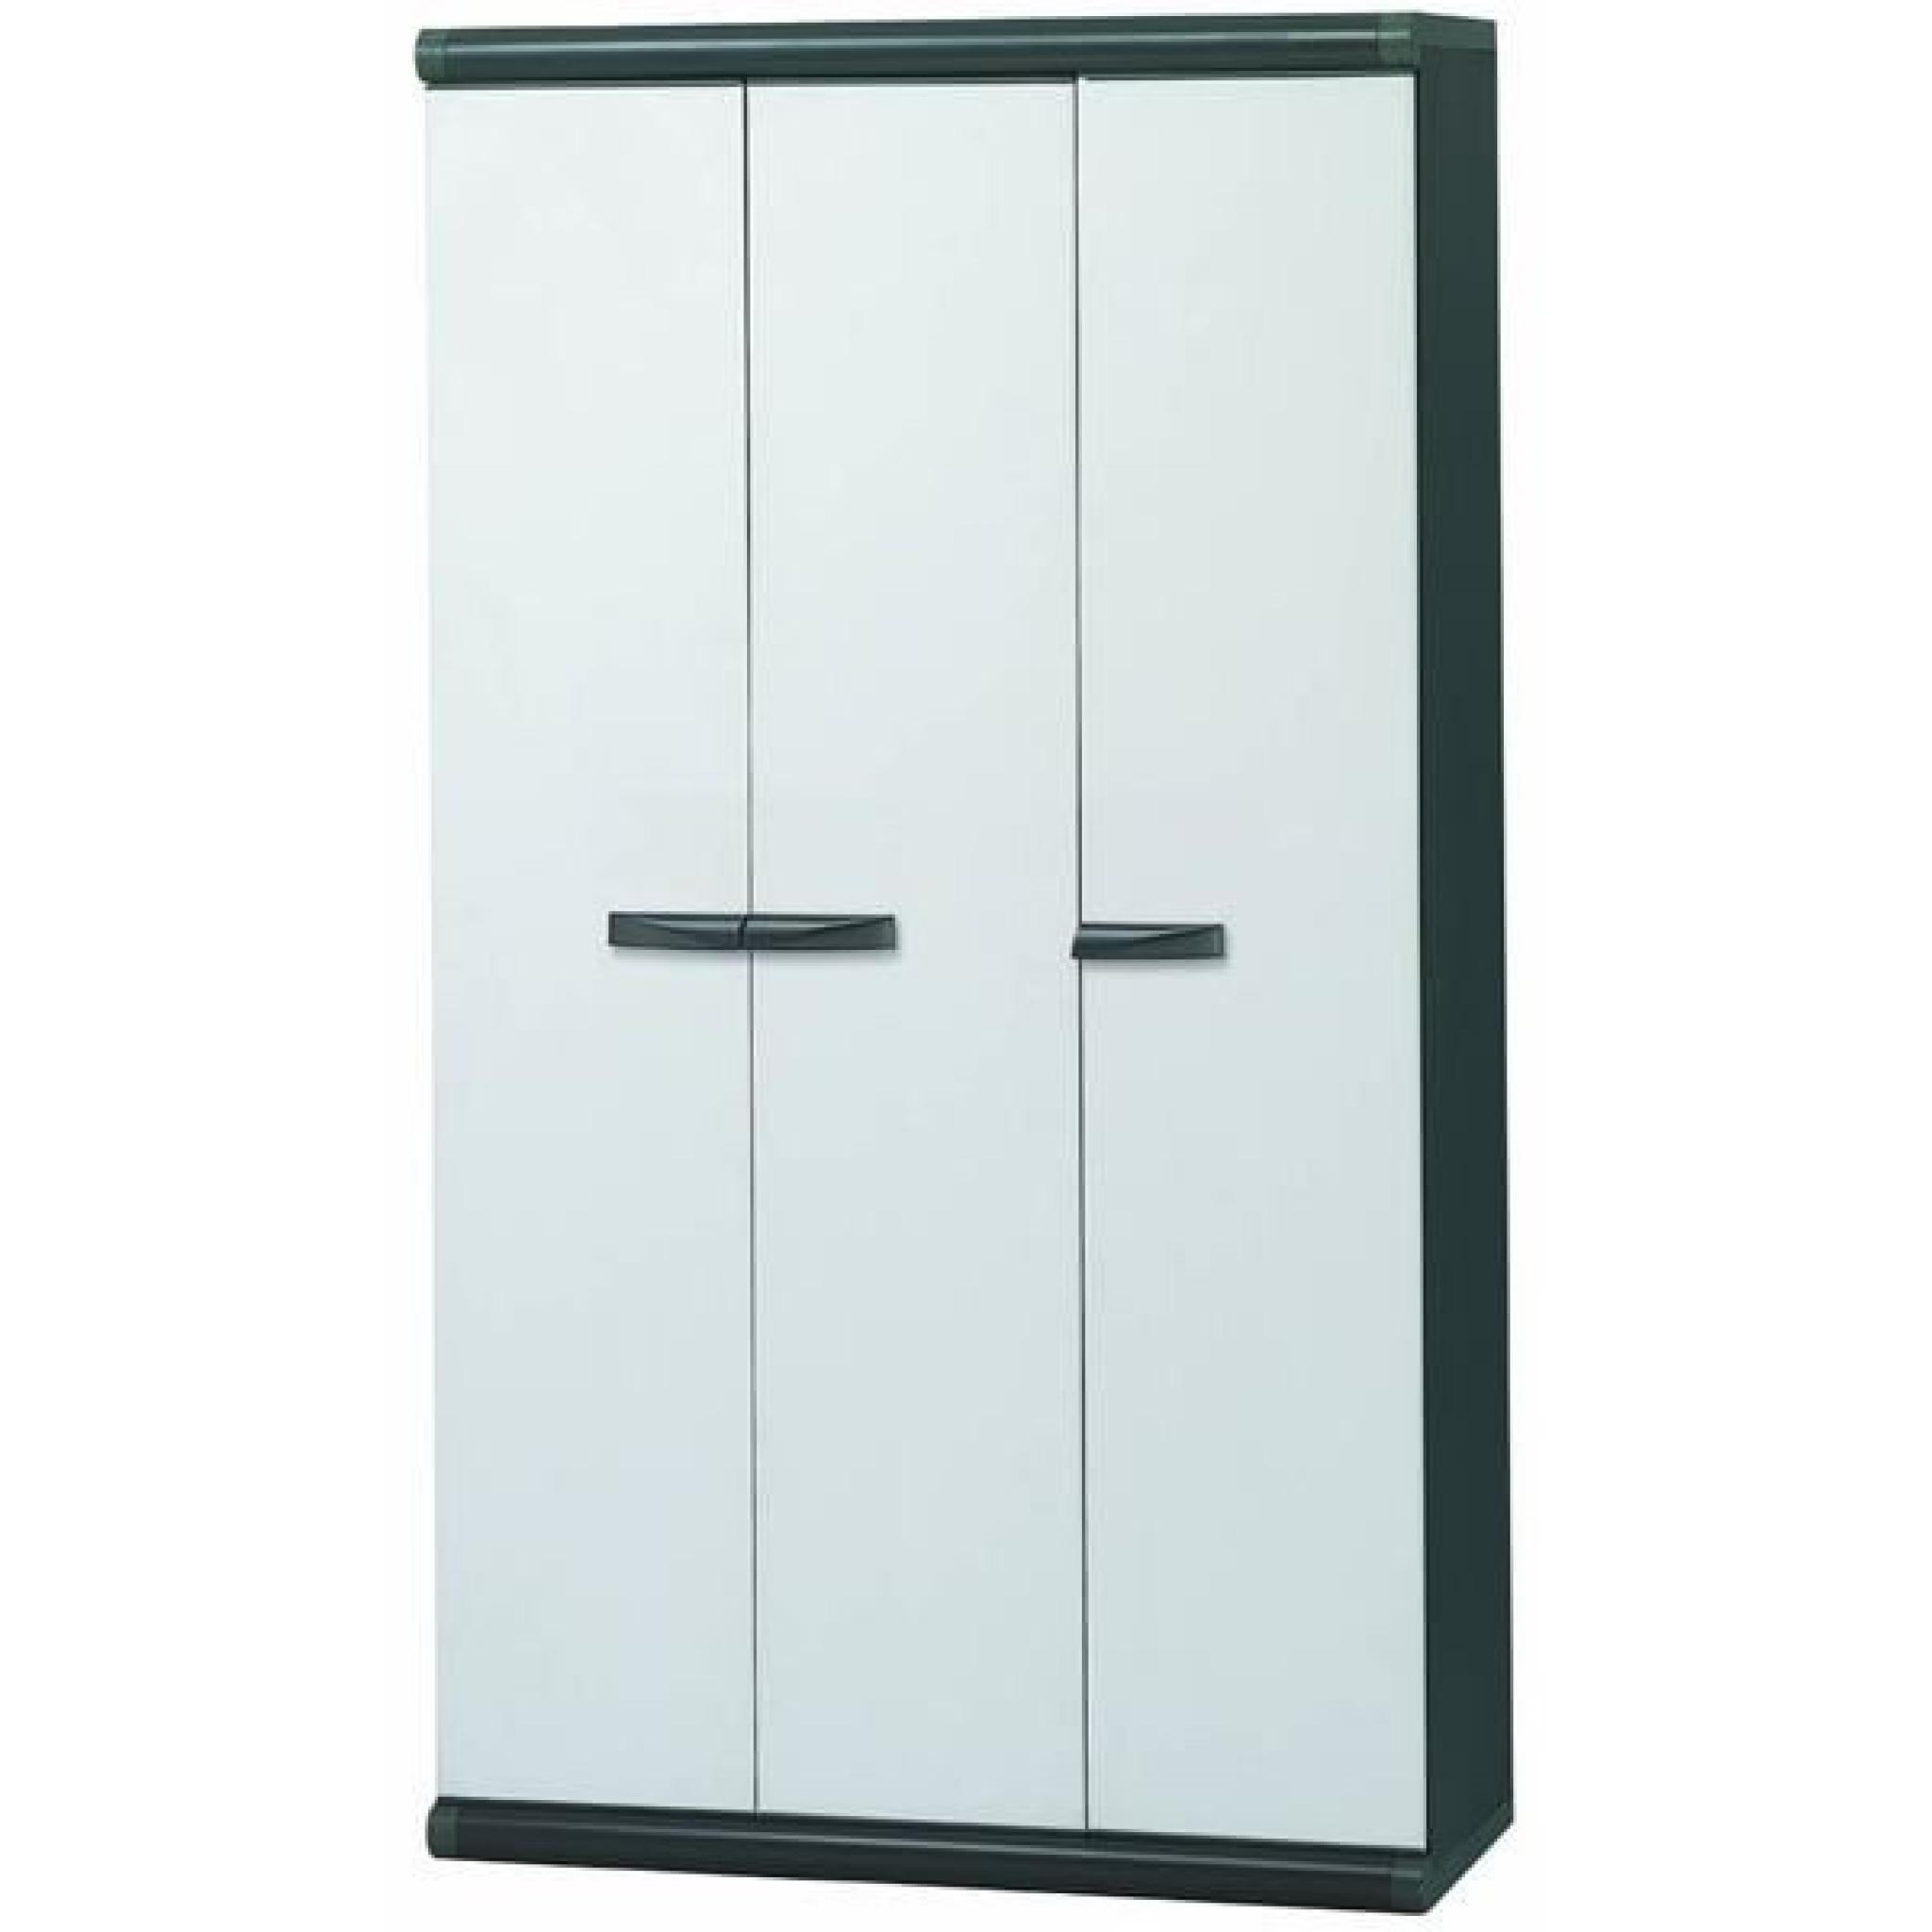 armoire haute en resine 3 portes achat vente armoire de chambre pas cher couleur et design fr